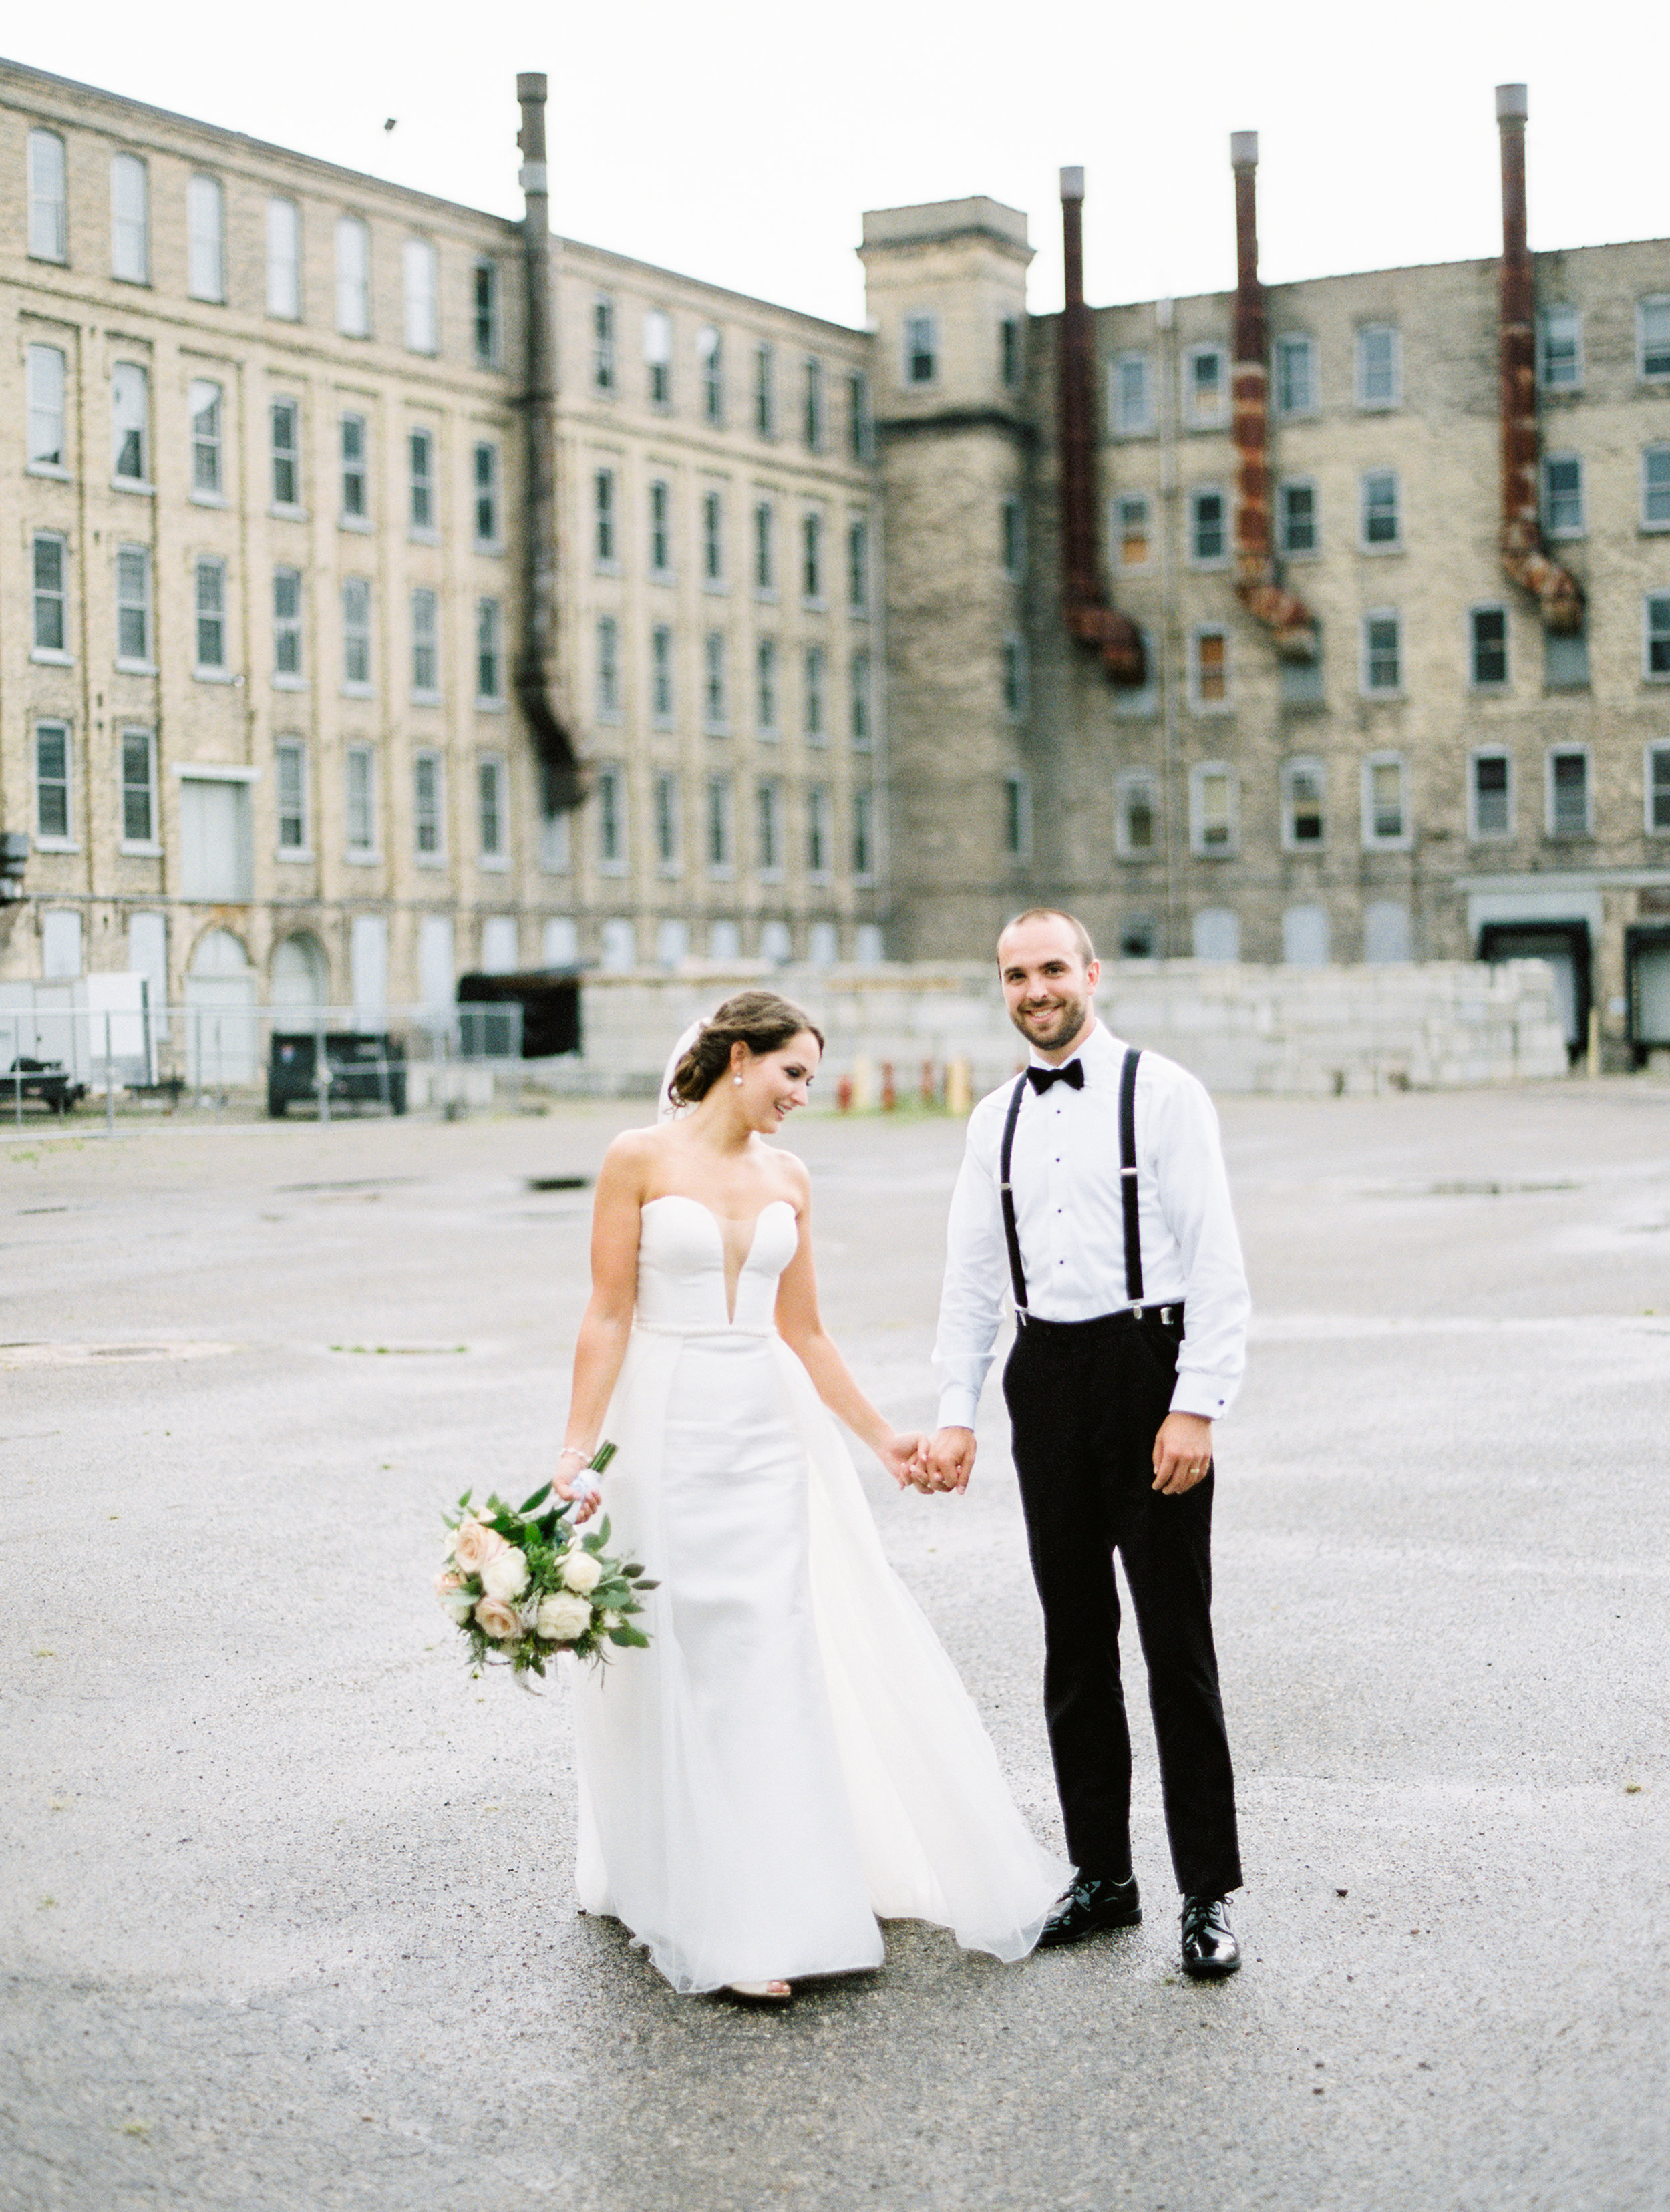 Steiner+Wedding+Bride+Groom+Reception-56.jpg